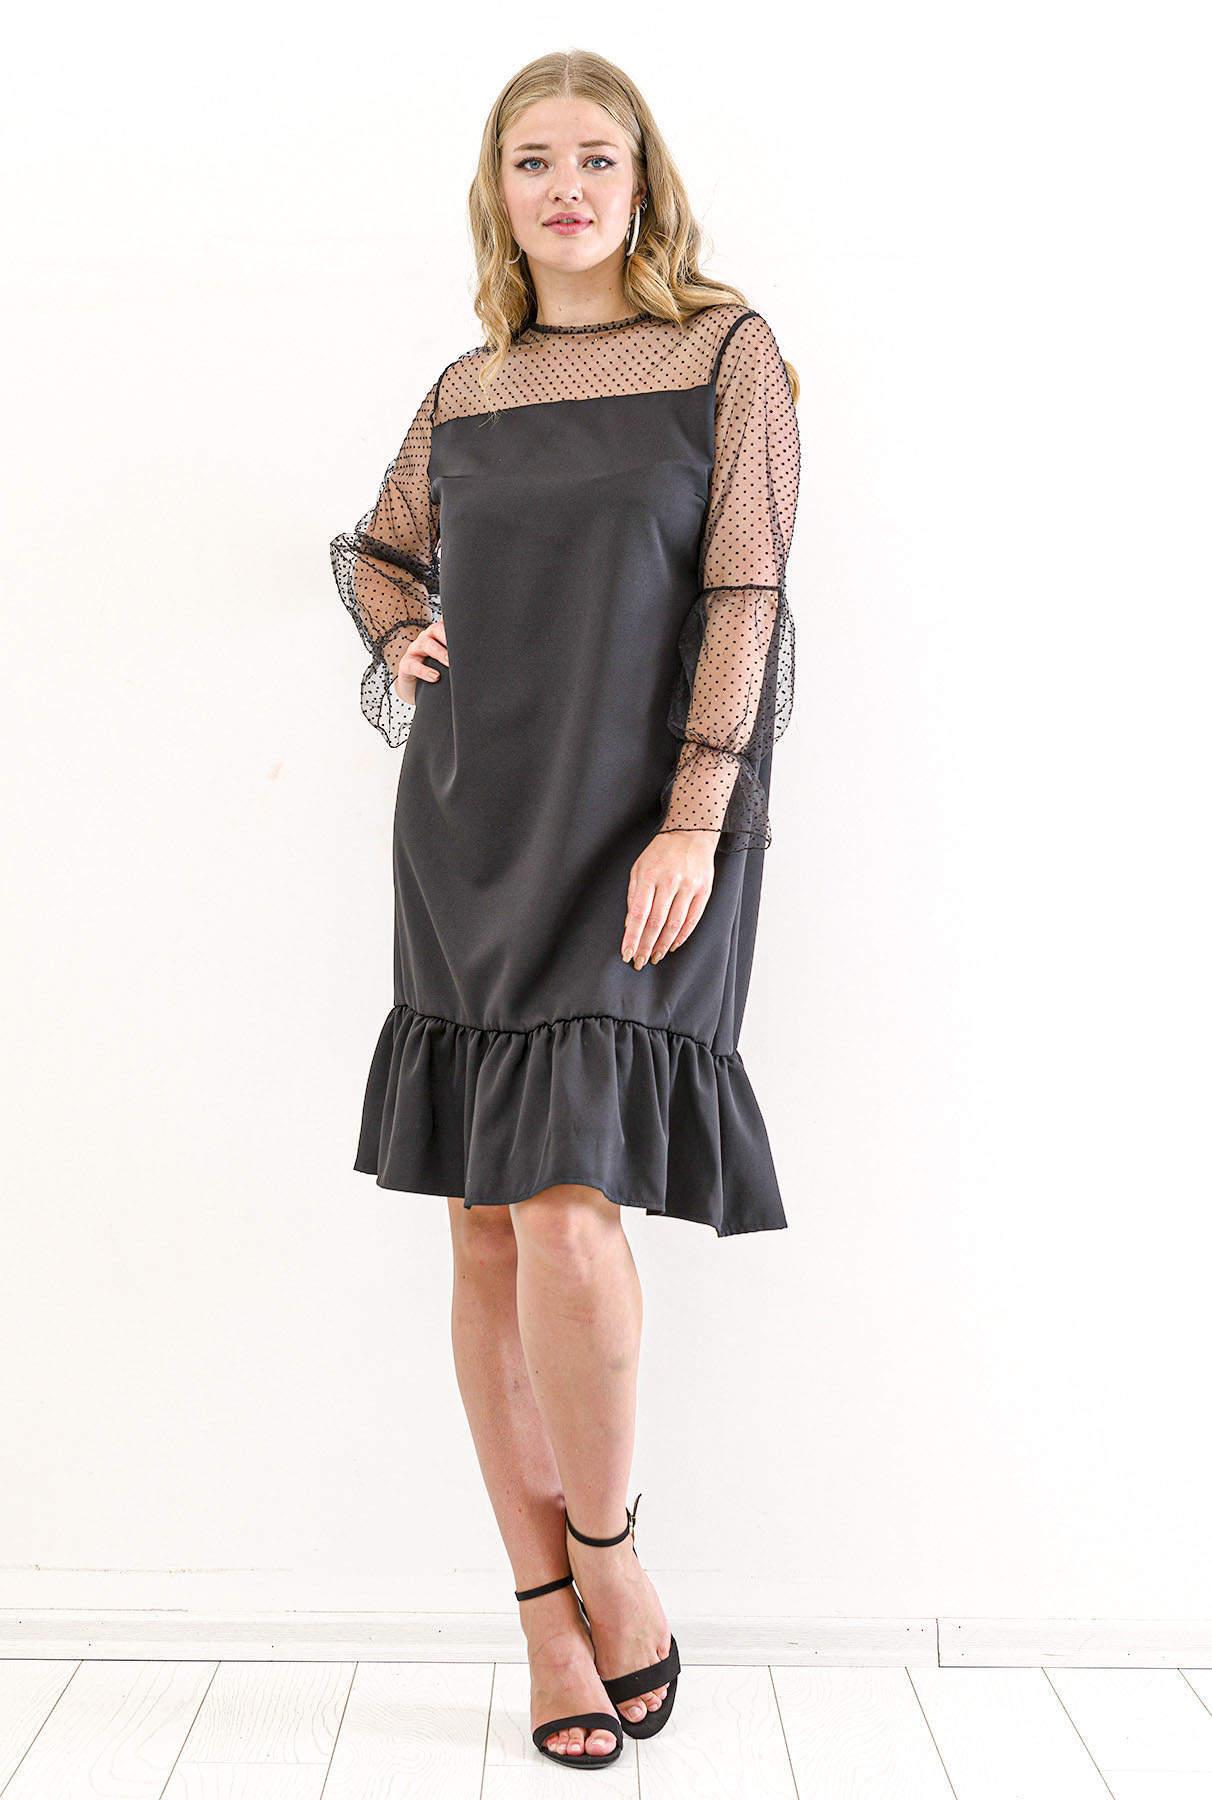 Büyük Beden Üstü Kolu Puantiye Tül Detay Abiye Elbise KL824 Siyah